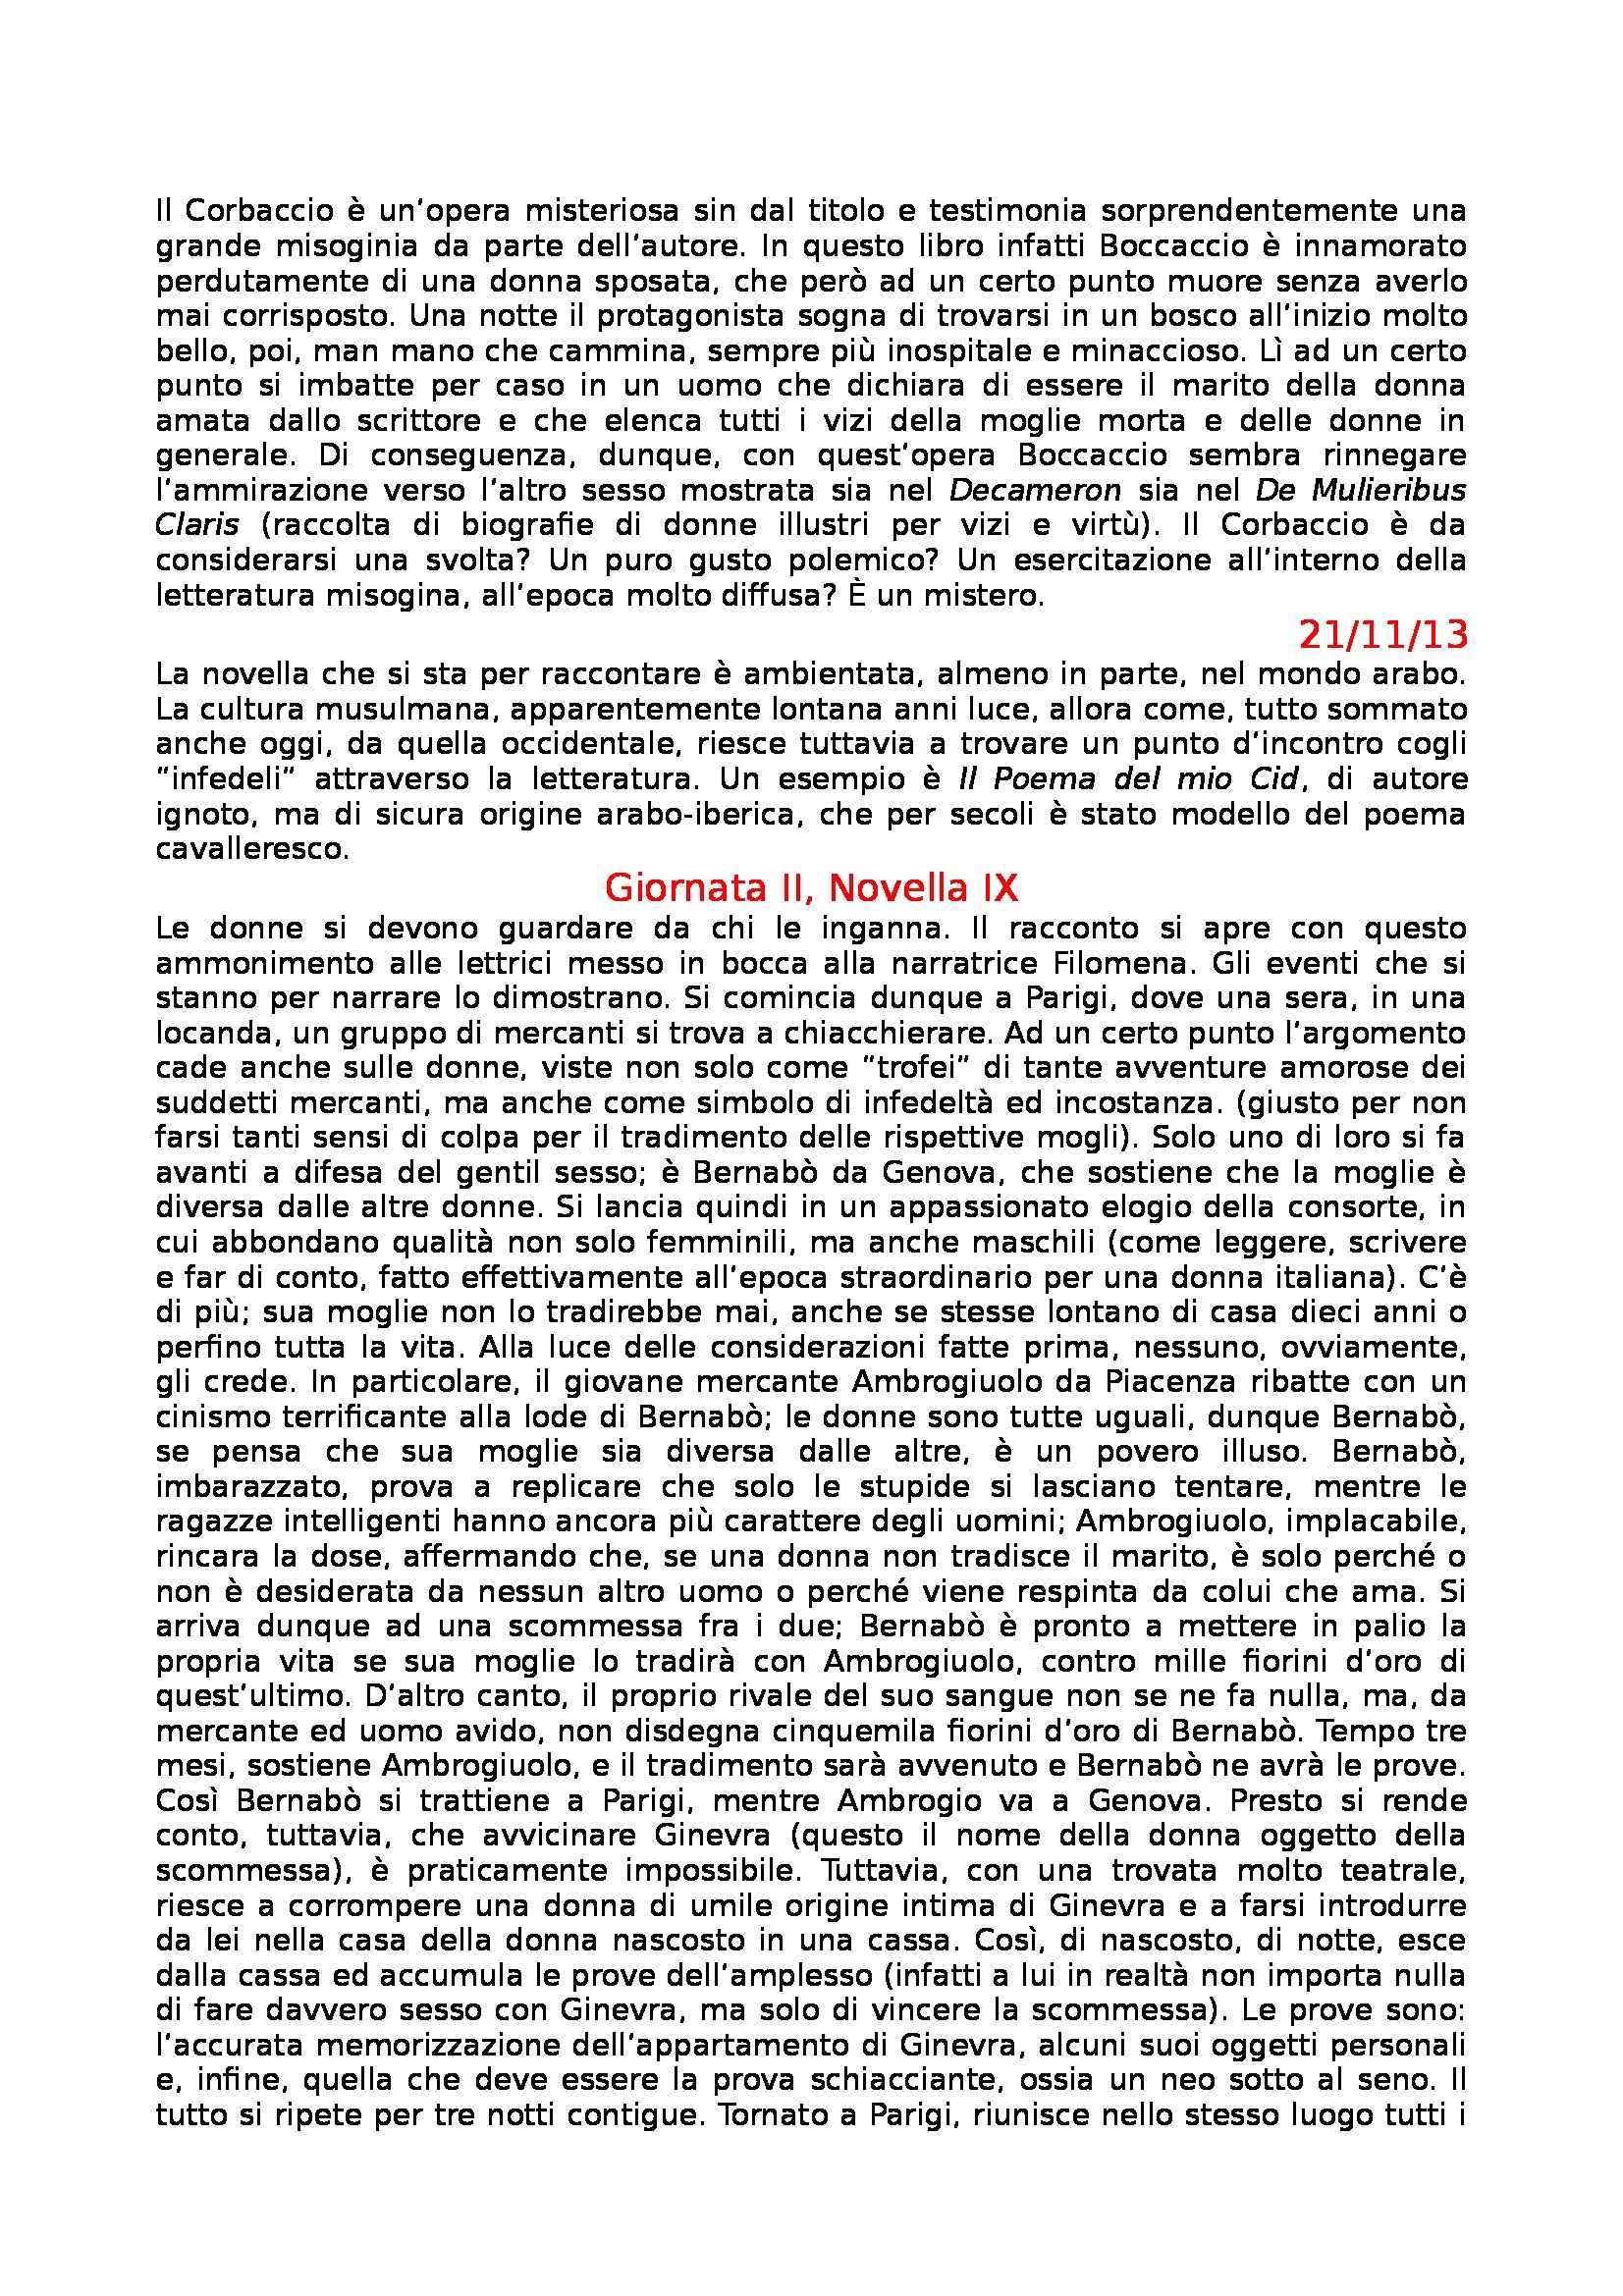 Letteratura Italiana - Boccaccio e Decameron Pag. 21